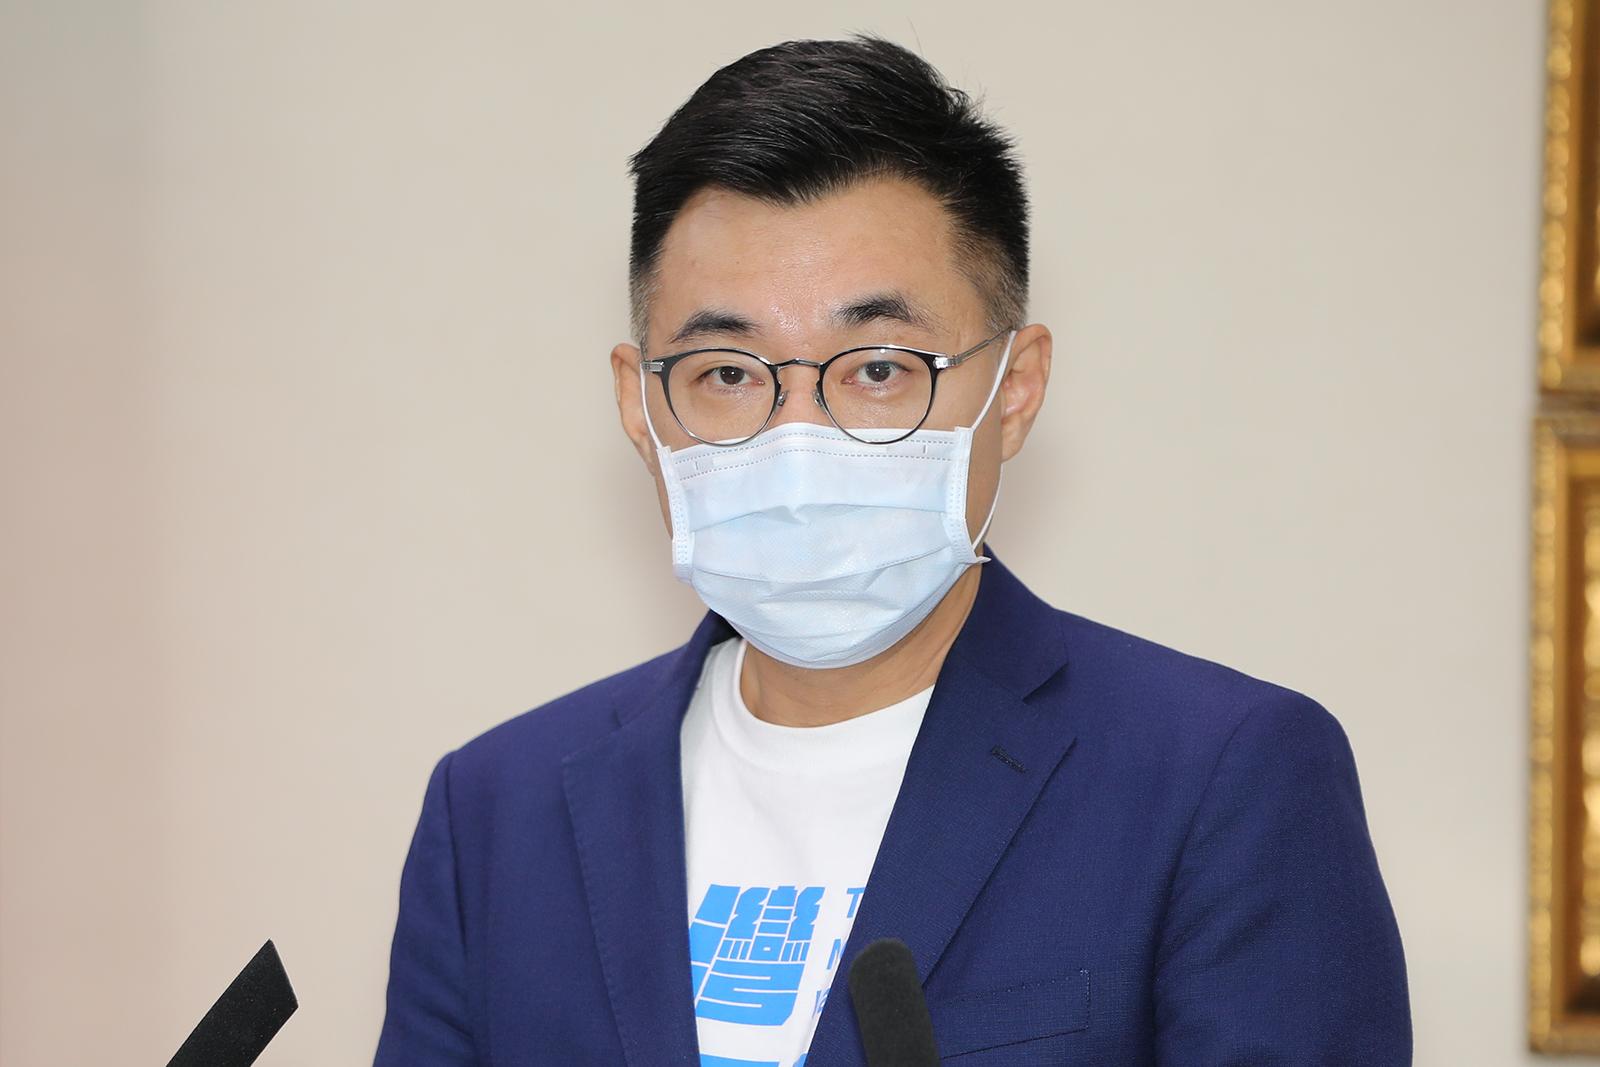 2021年7月7日,国民党主席江启臣:台独会破坏区域和平及两岸关系,并带来冲突。(国民党提供)